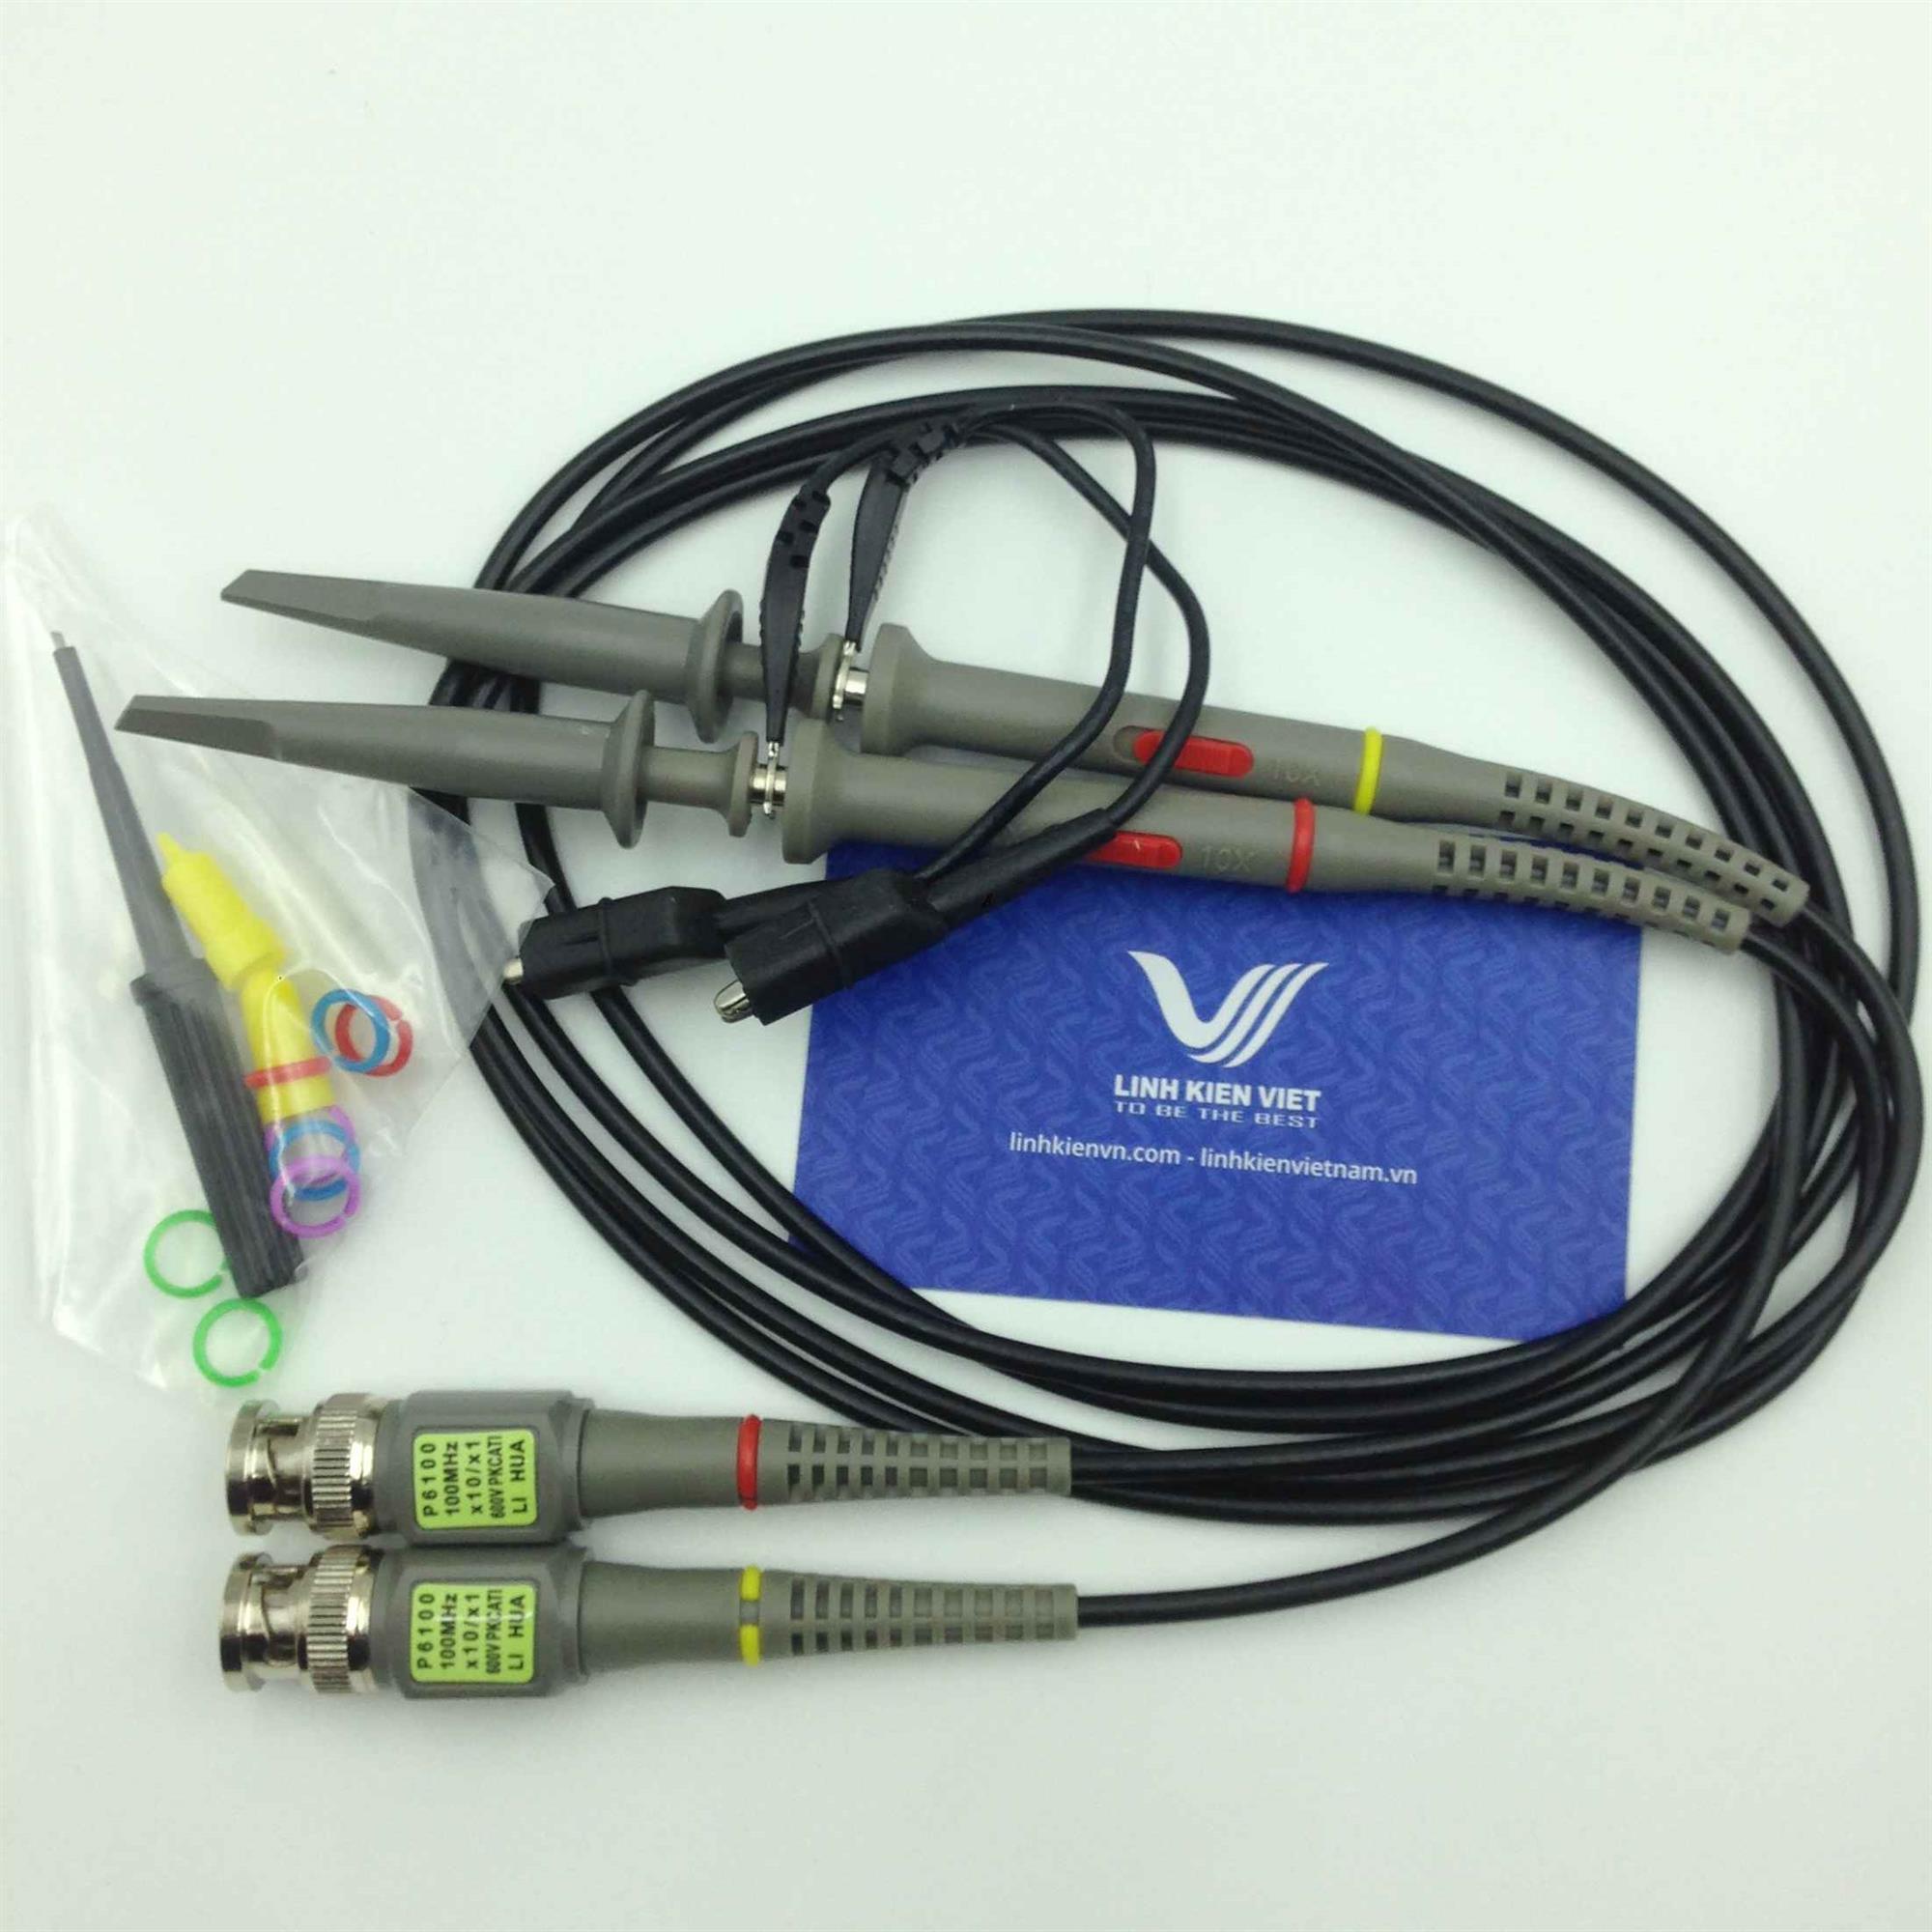 Que đo máy hiện sóng 100Mhz / Dây đo oscillo 100Mhz / Oscilloscope probe 100Mhz 1 chiếc